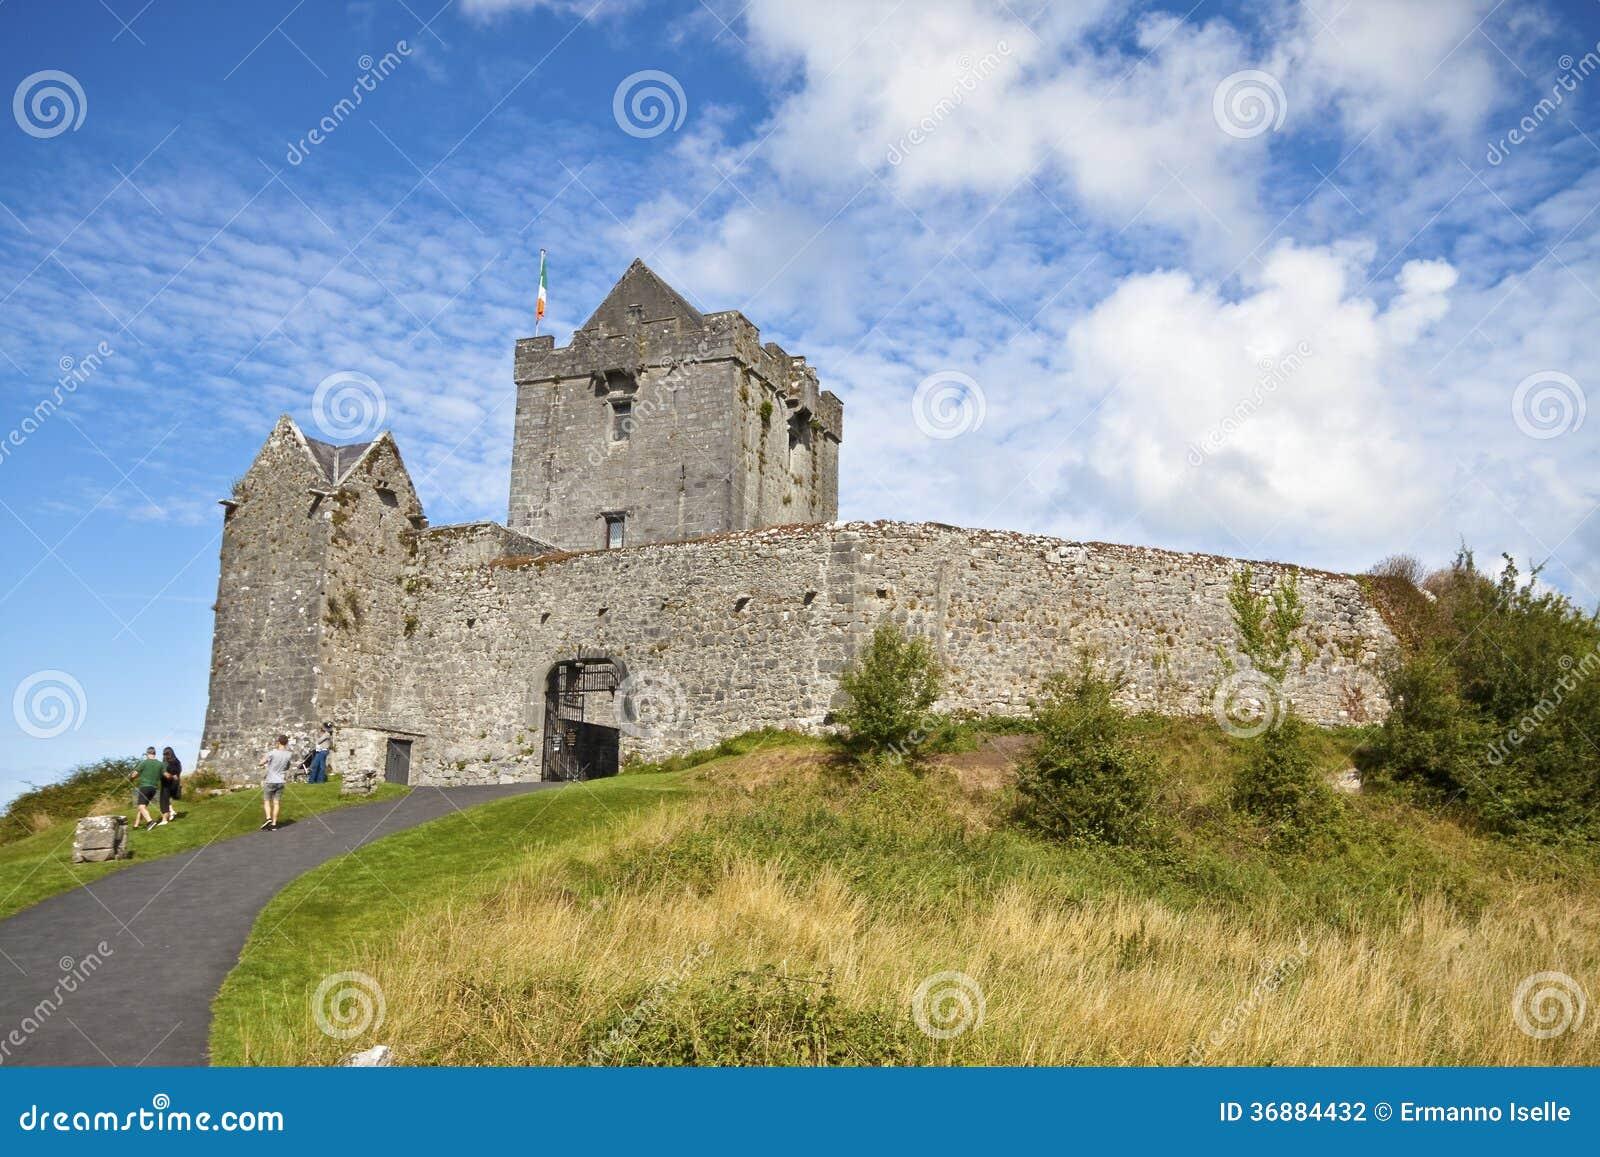 Download Paesaggio dell'Irlanda fotografia editoriale. Immagine di castello - 36884432